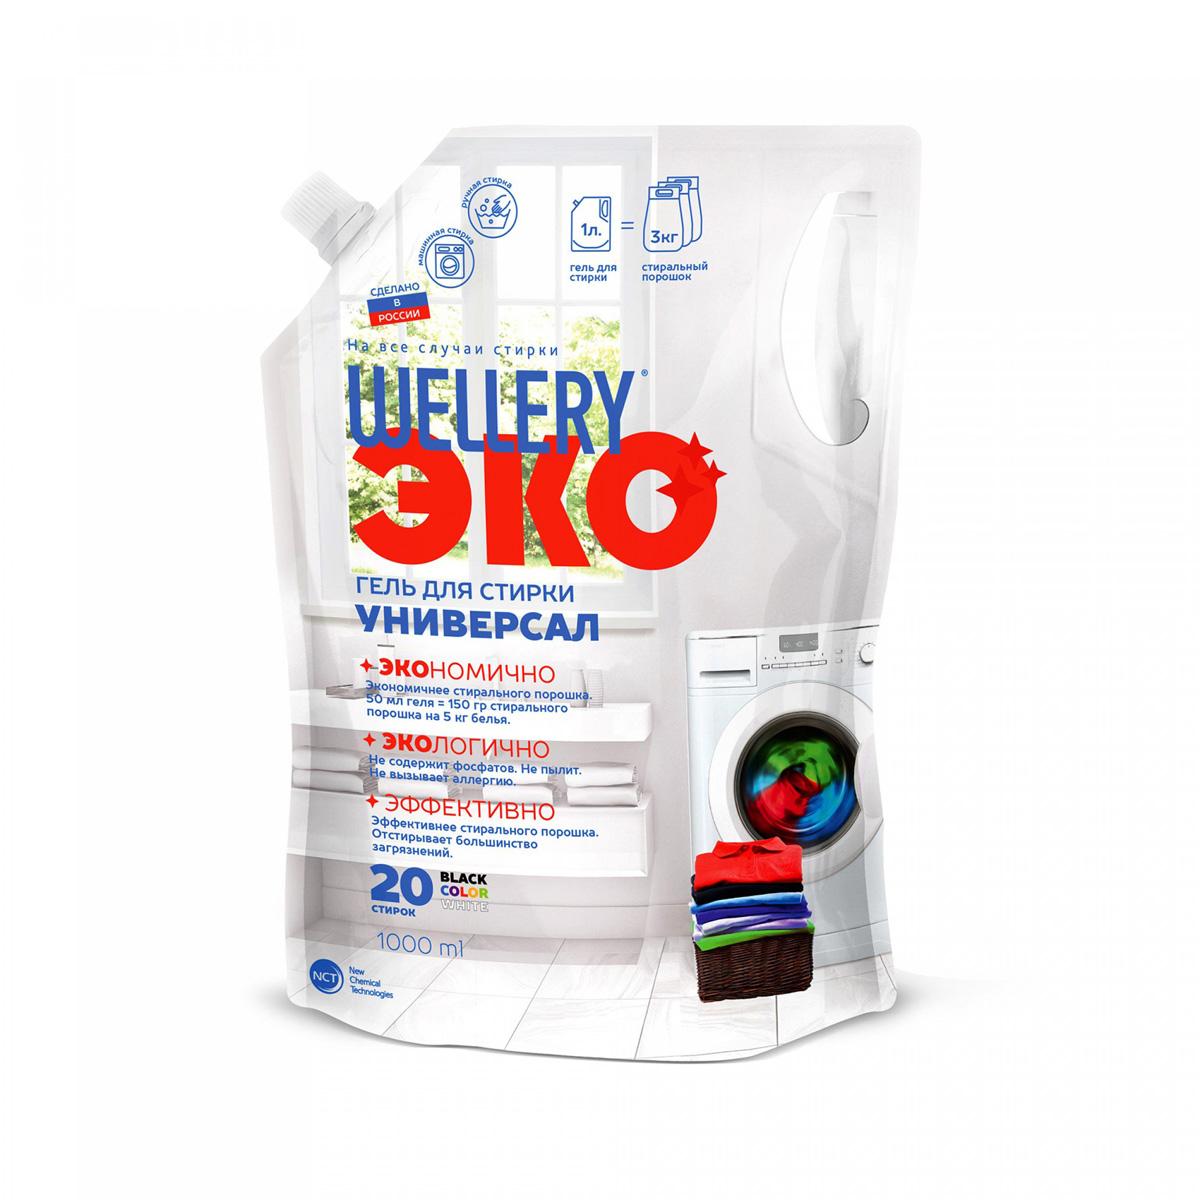 Гель для стирки Wellery ЭКО Универсал, для стирки цветного белья, 1 л4640015110798 Гель предназначен для стирки тканей всех цветов.Экономичнее стирального порошка в 3 раза: на 5 кг белья требуется всего 50 мл средства вместо 150 гр сухого средства.Защищают от потери цвета, возвращают яркость тканям, сохраняя красоту любимых вещей.Отстирывают большинство загрязнений, что подтверждено лабораторными исследованиями.Изготовлены на основе компонентов, классифицируемых как биоразлагаемые.Не содержат фосфатов и красителей.Полностью вымываются из тканей Красивый яркий дизайн упаковки несомненно привлечет Ваше внимание.Наличие ручки для переноски помогает удобству в использовании.